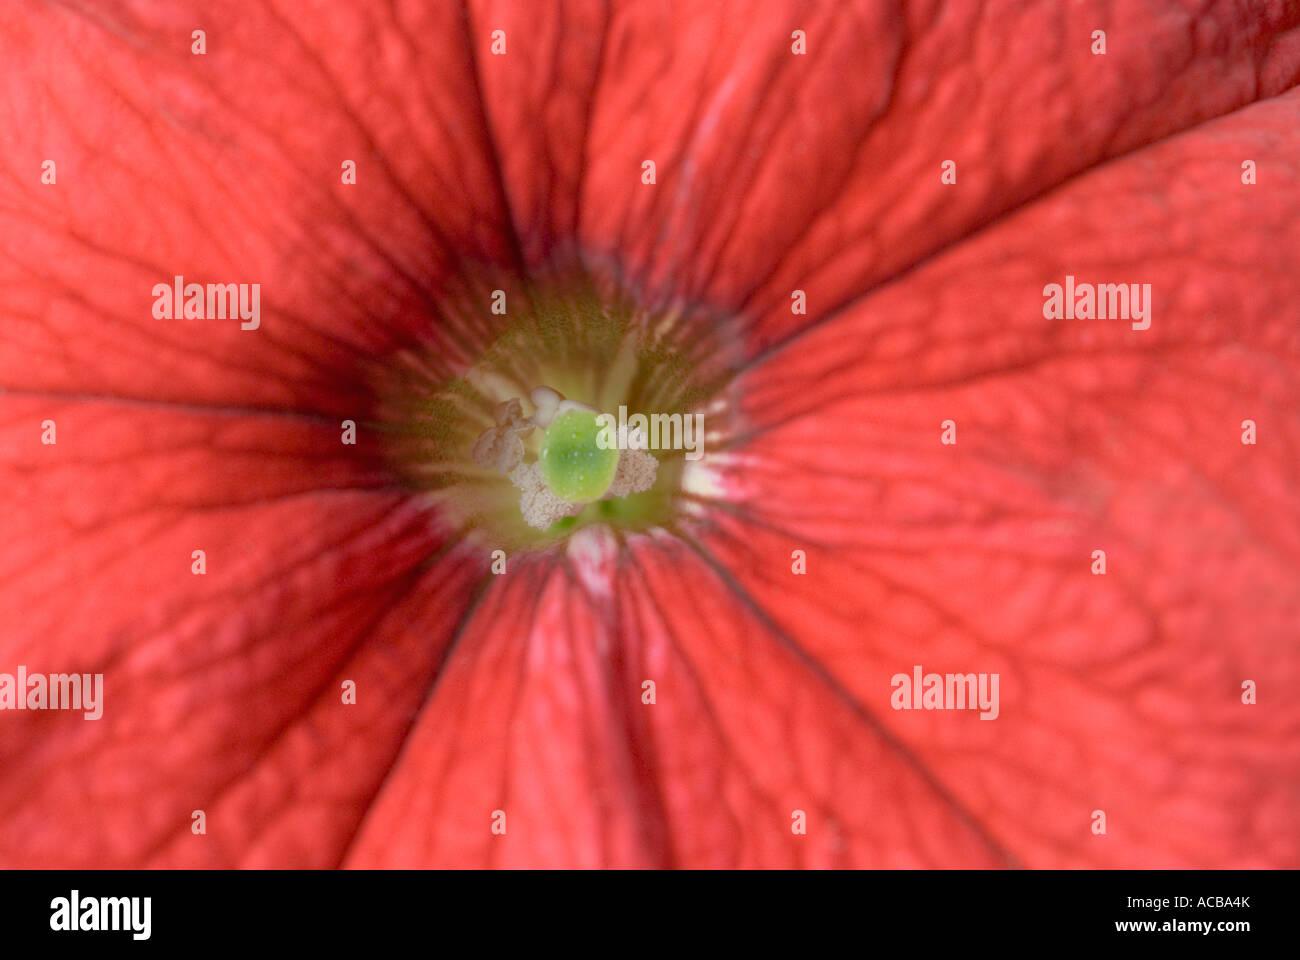 Close-up of a Petunia - Stock Image